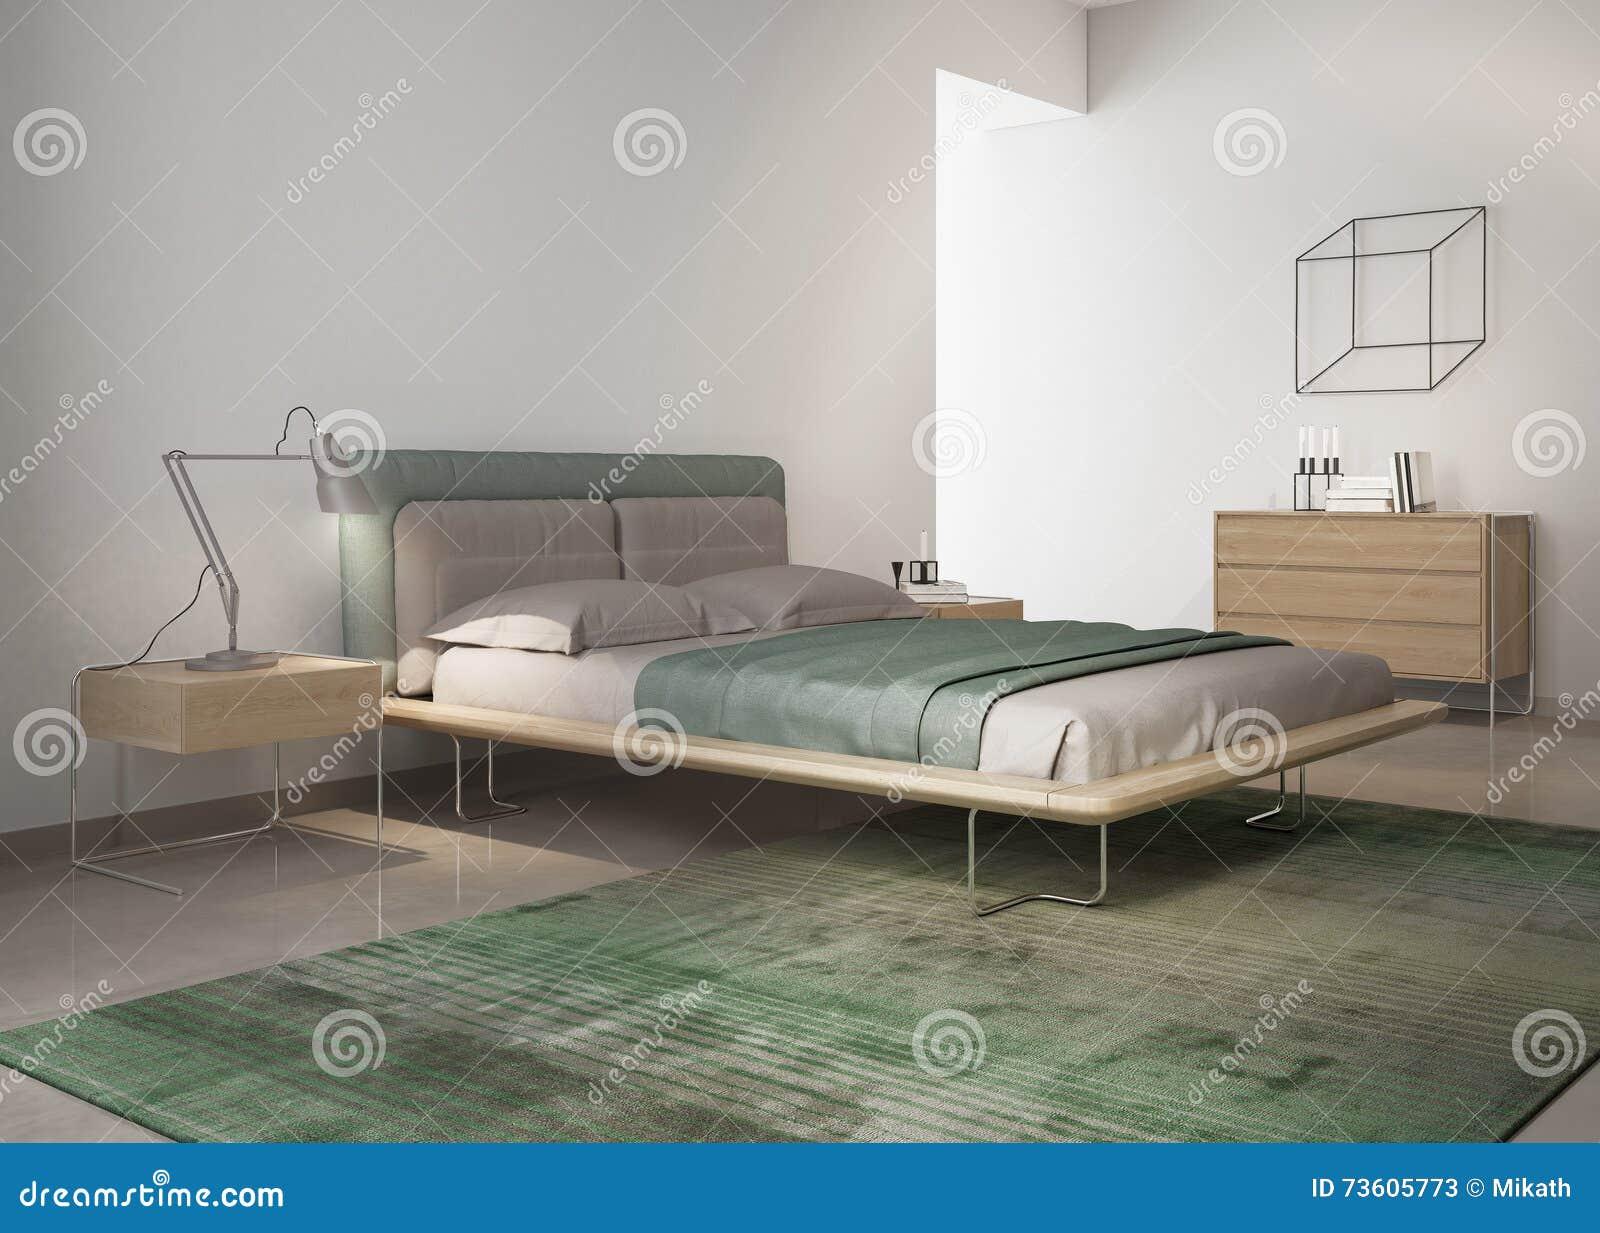 Zeitgenössisches Grünes Schlafzimmer Stockbild - Bild von kunst ...